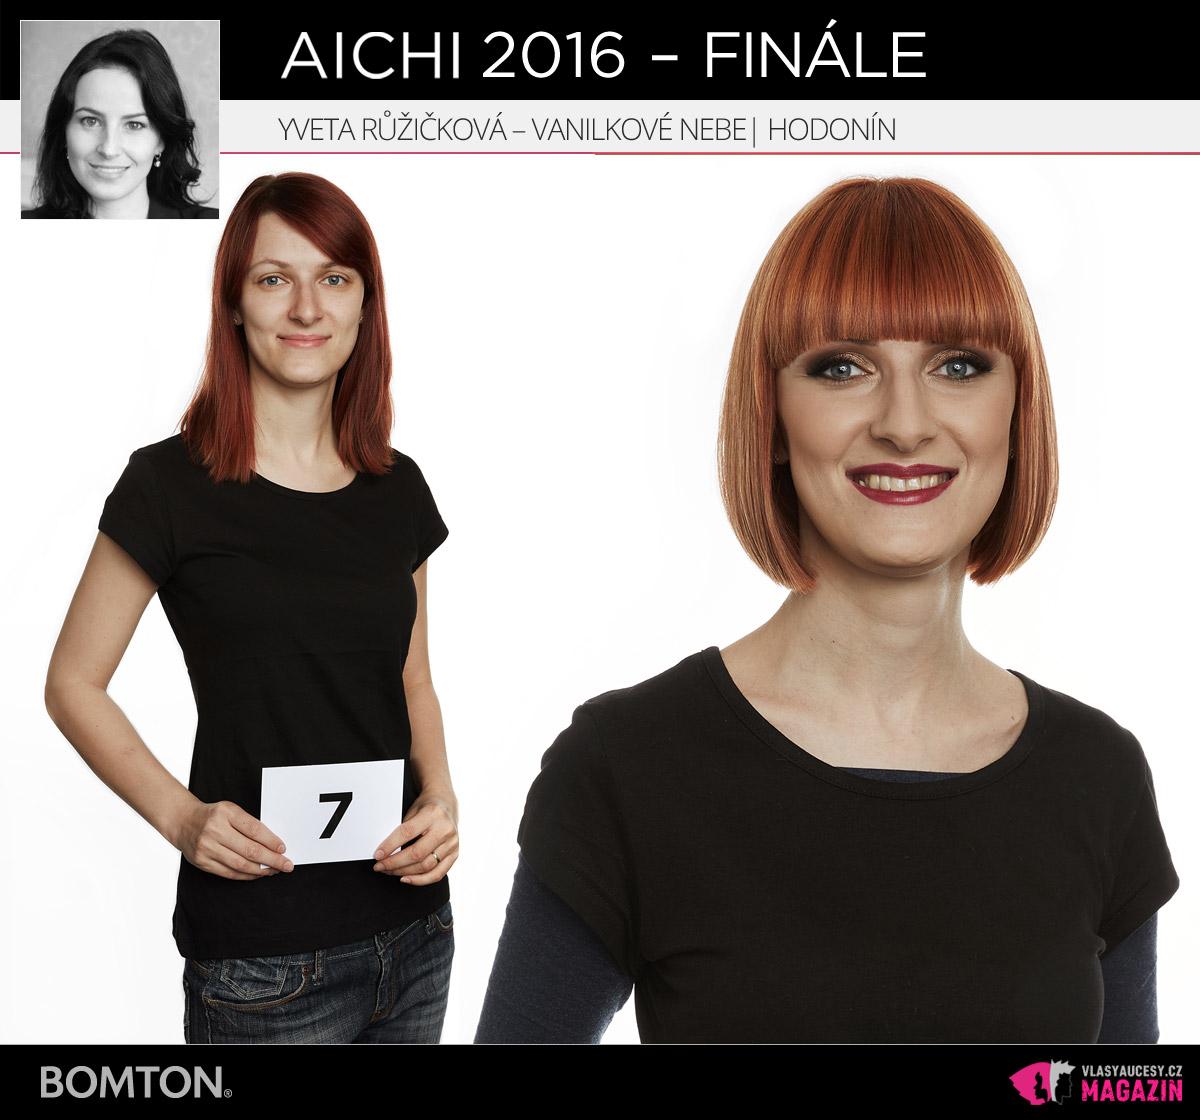 Yveta Růžičková – Vanilkové Nebe, Hodonín | Proměny AICHI 2016 – postupující do finálového kola